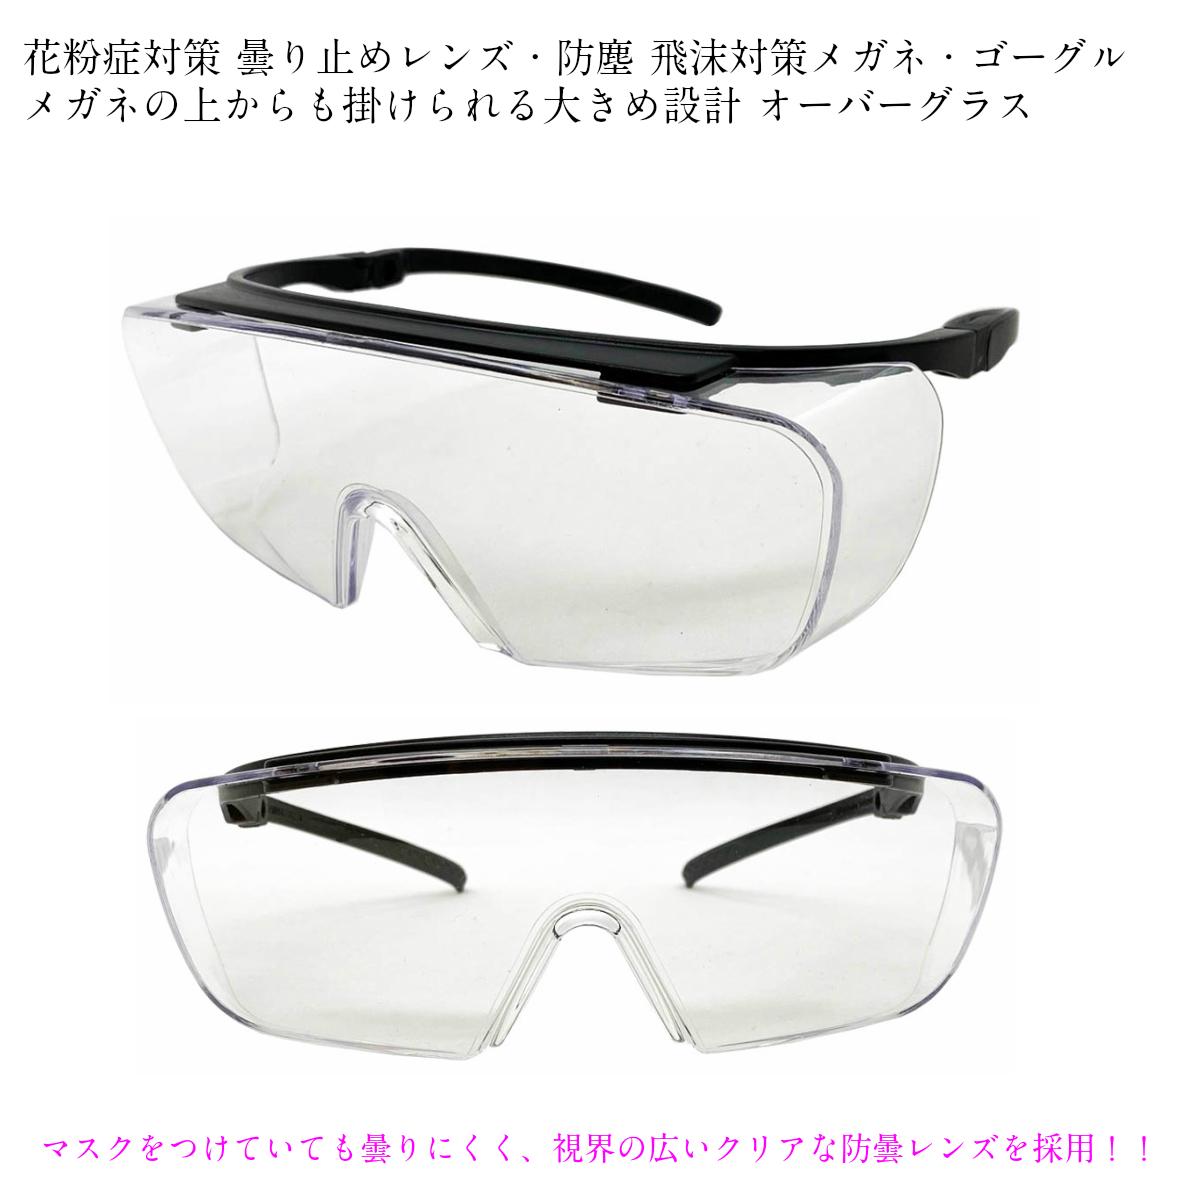 メーカー直販だからできるコストパフォーマンス 高性能な曇り止めレンズと花粉症 防塵対策の形状であなたの眼を守ります 保護メガネ 永遠の定番 FACETRICK glasses セーフティーグラス OG650 対策 メガネの上からも装着可能 花粉症 防塵 ウィルス 飛沫 国内正規品